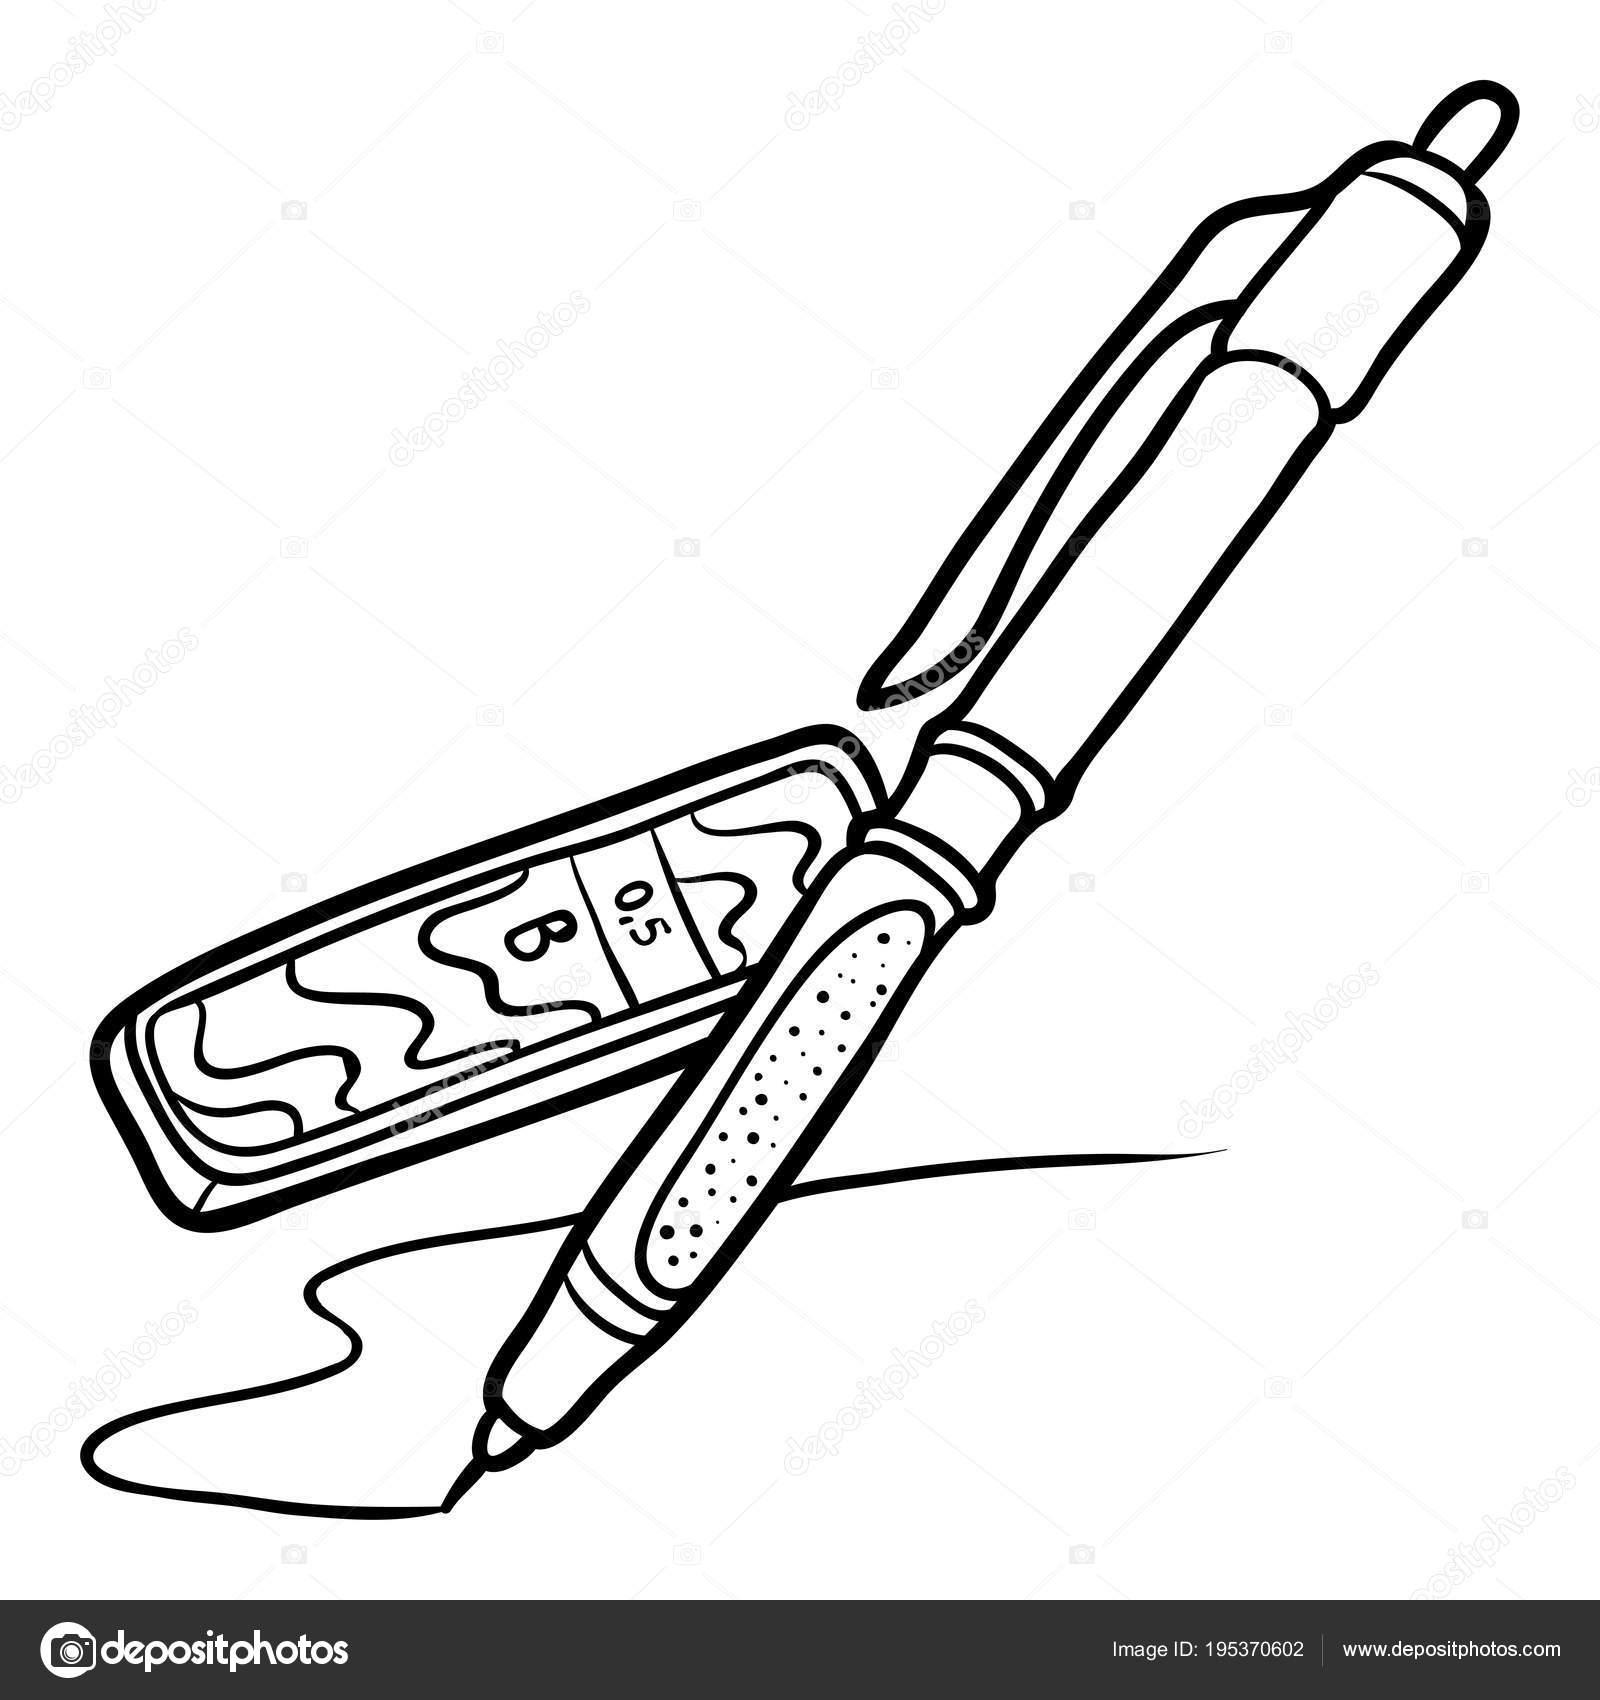 Boyama Kitabı Mekanik Kurşun Kalem Ile Yol Açar Stok Vektör